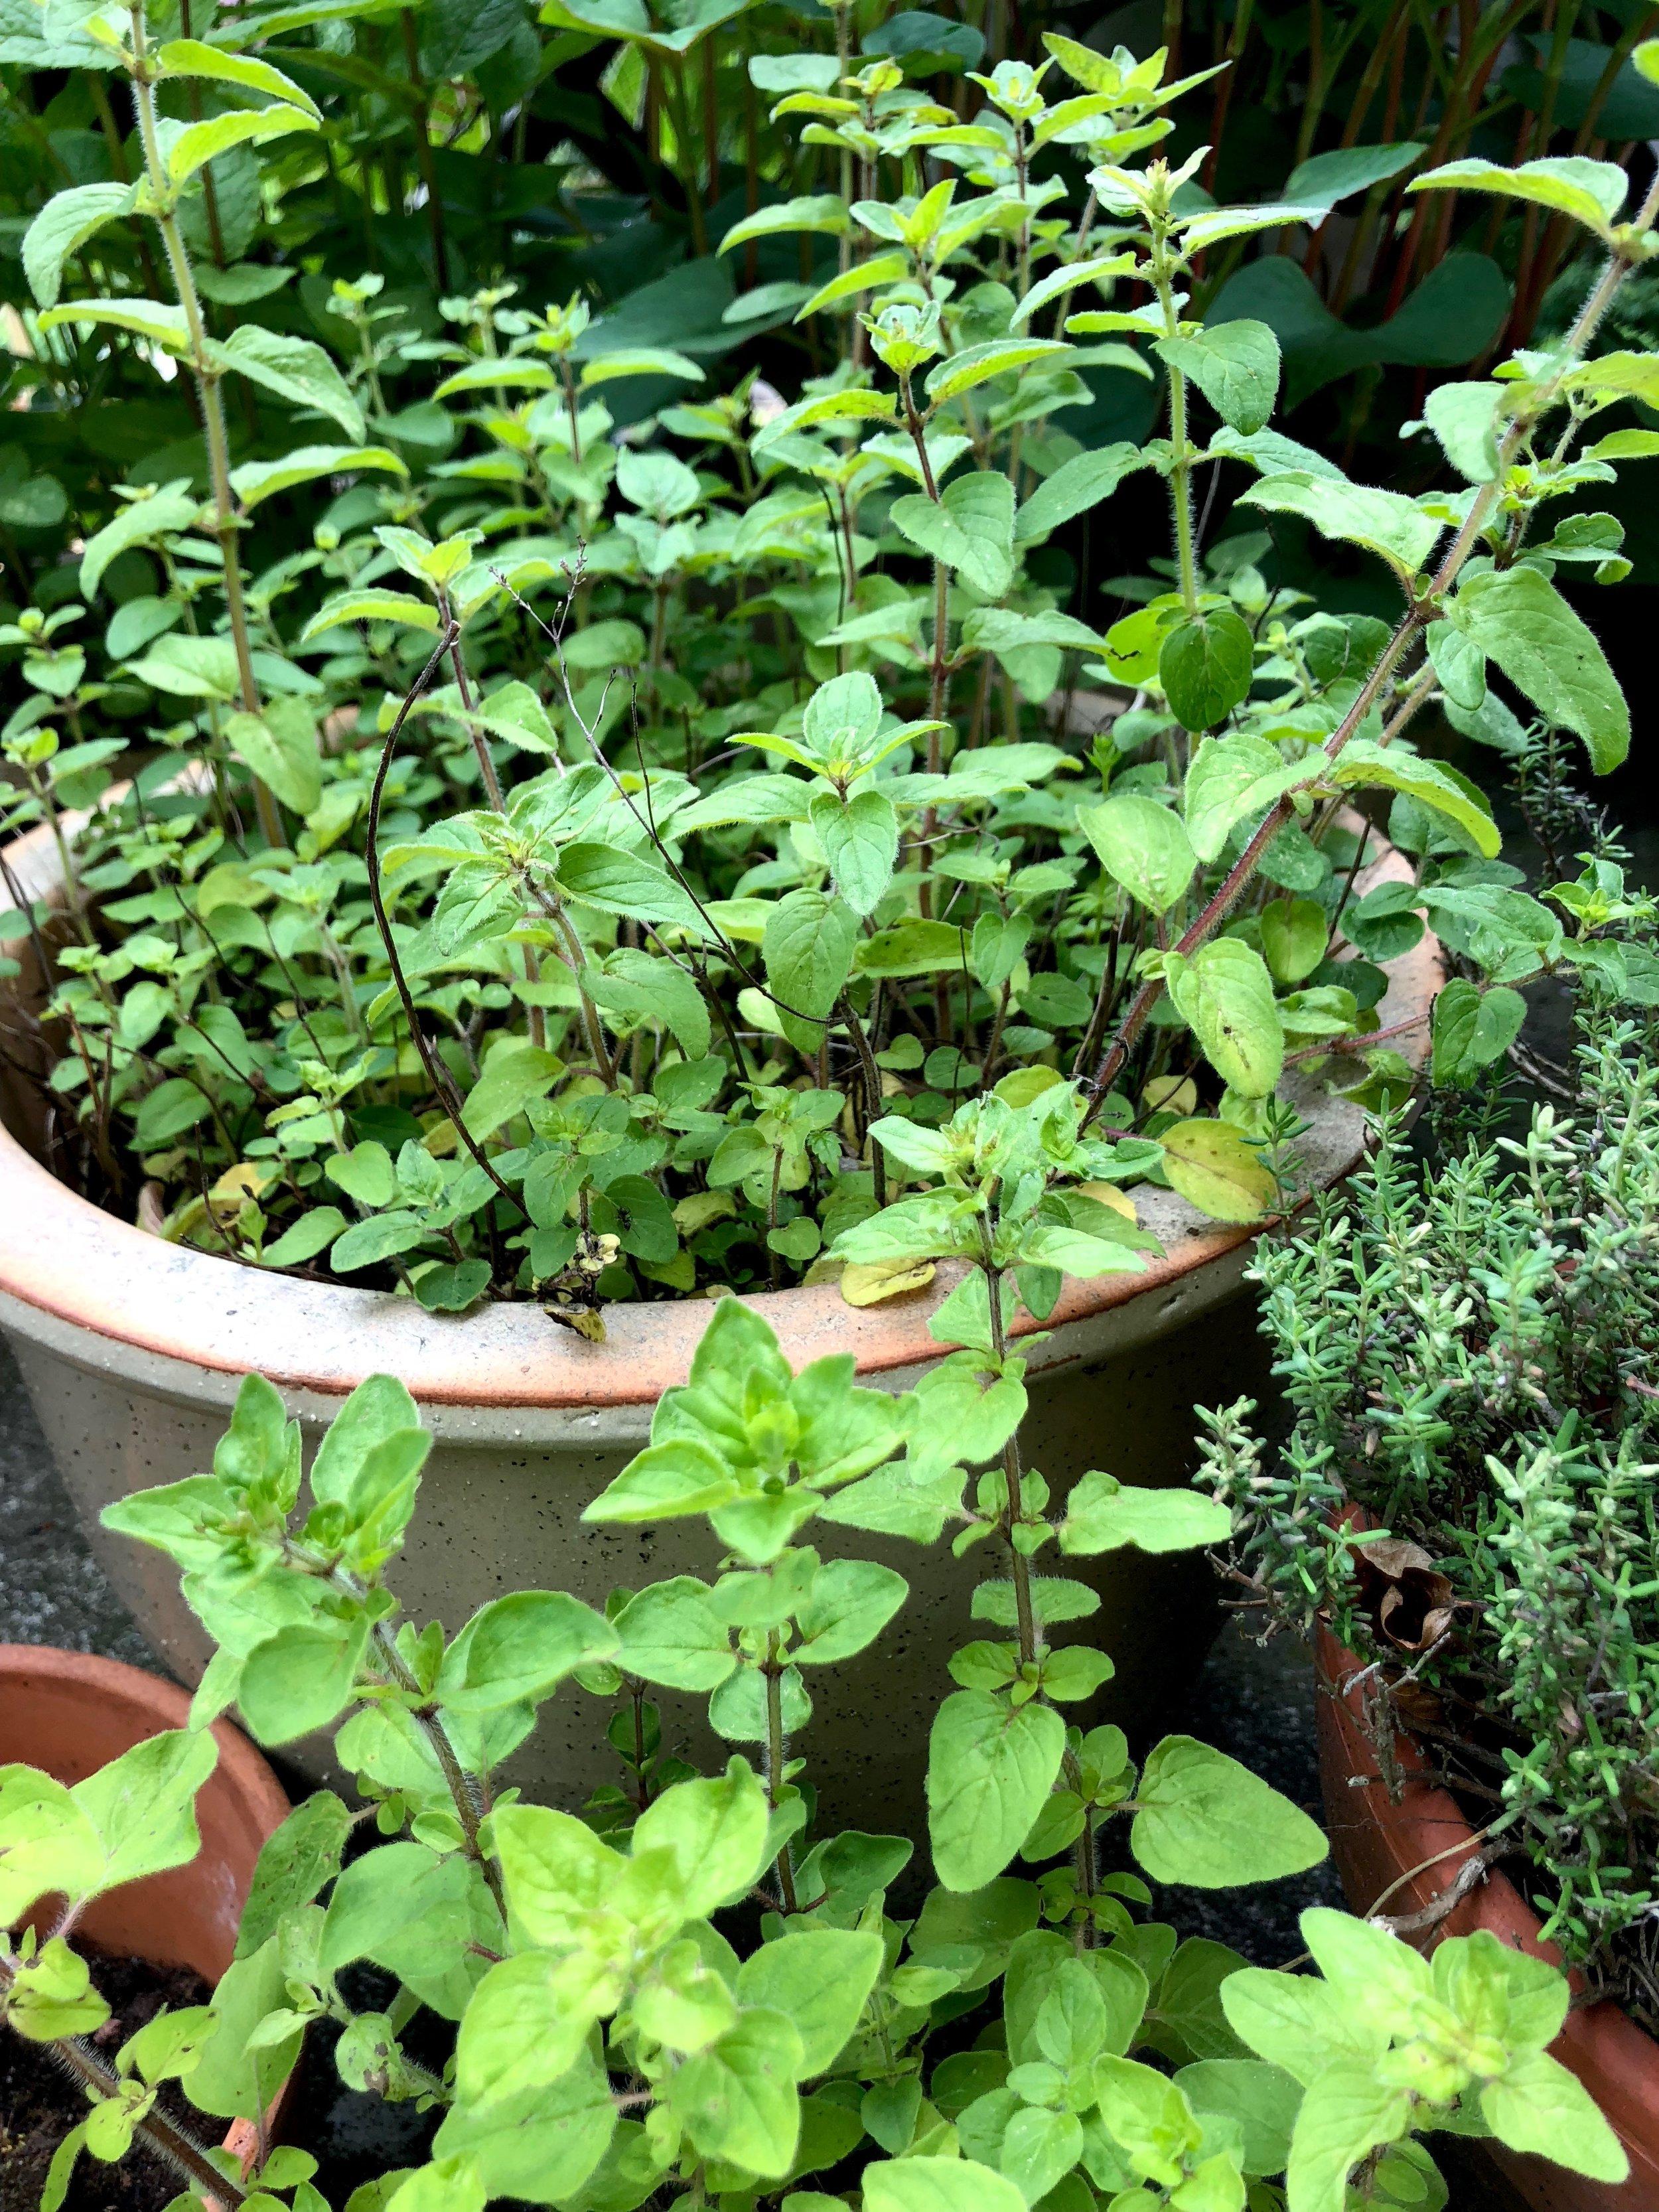 Forrest den græske oregano, som jeg spiser af. Bagest er til insekterne.